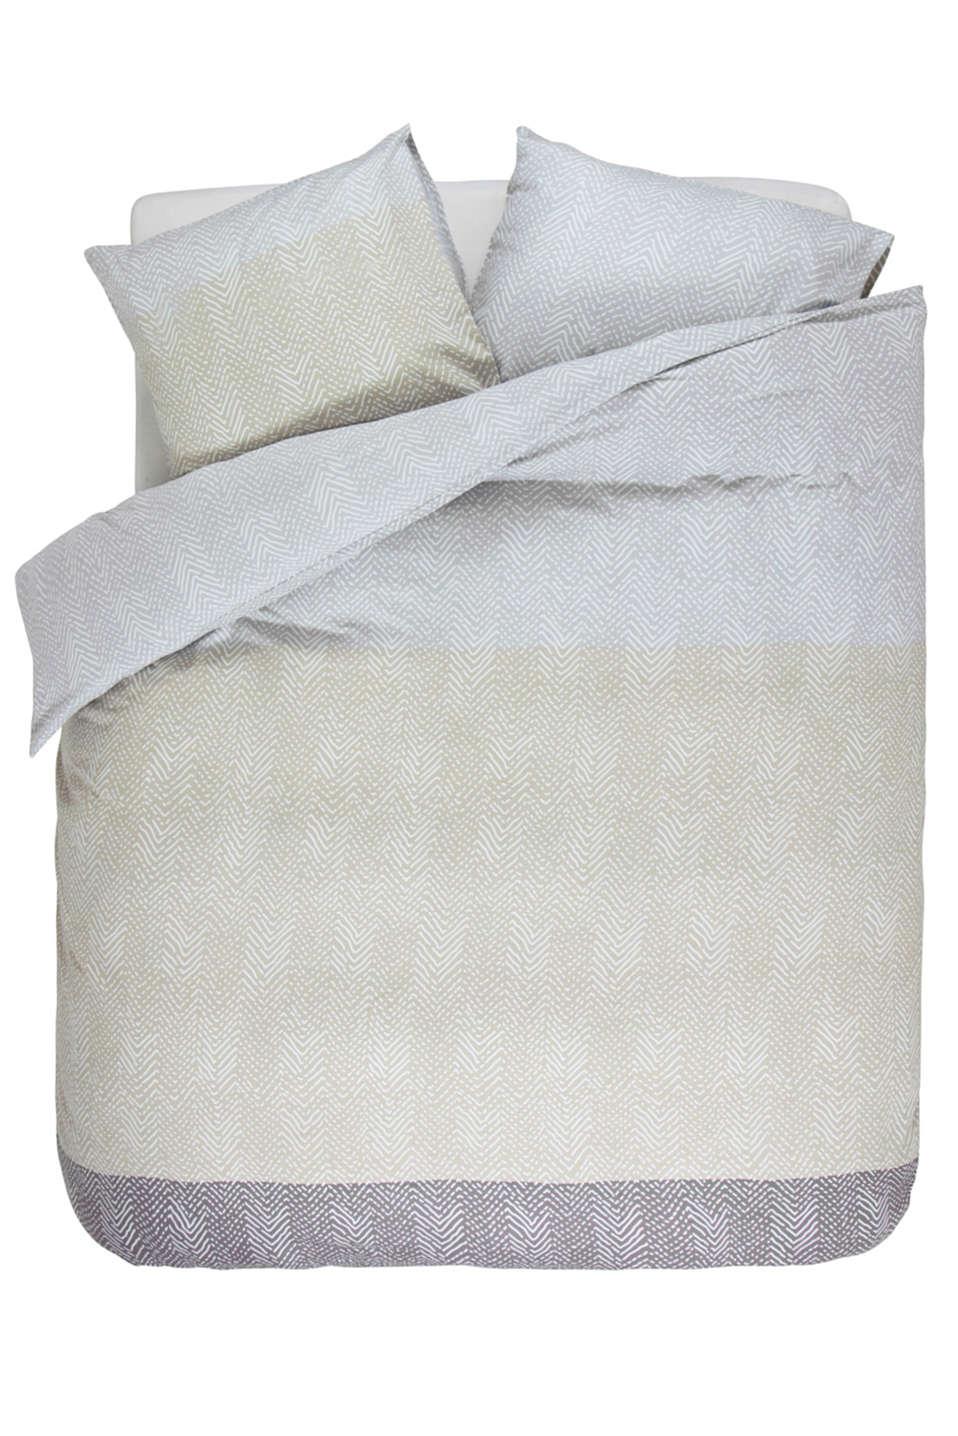 esprit bettw sche tamo aus baumwoll flanell im online shop kaufen. Black Bedroom Furniture Sets. Home Design Ideas